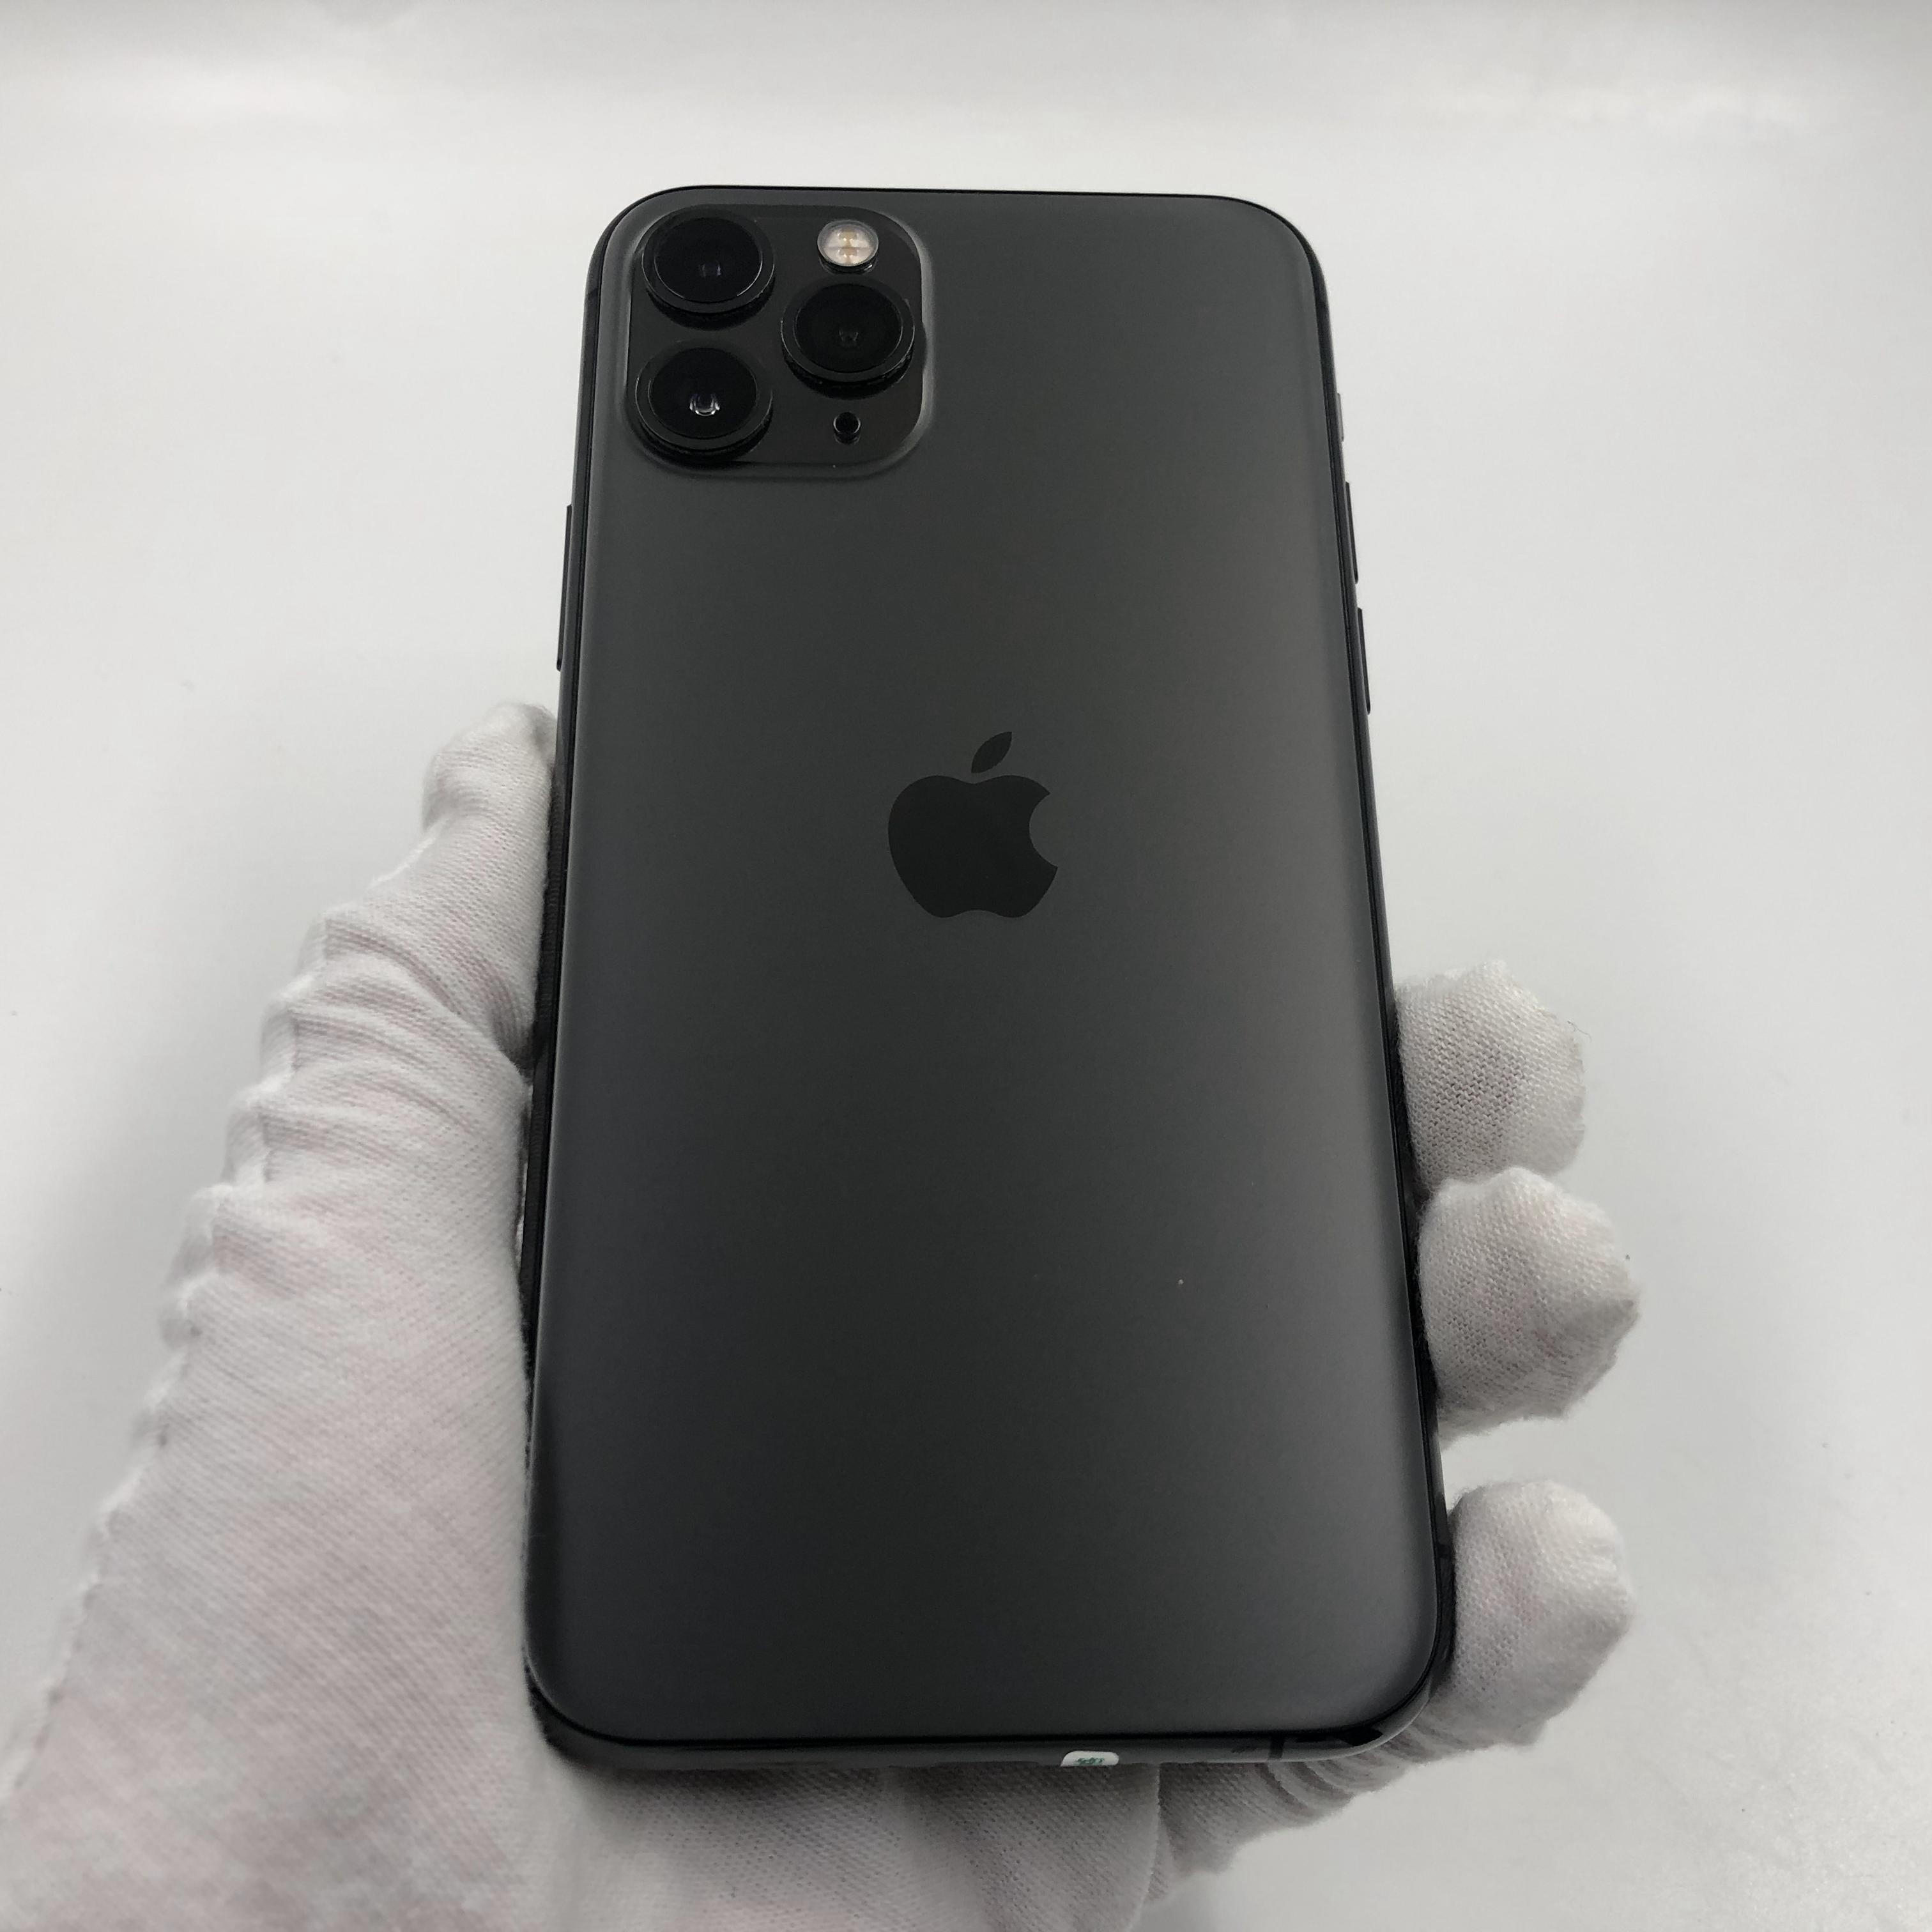 苹果【iPhone 11 Pro】4G全网通 深空灰 256G 国行 9成新 真机实拍